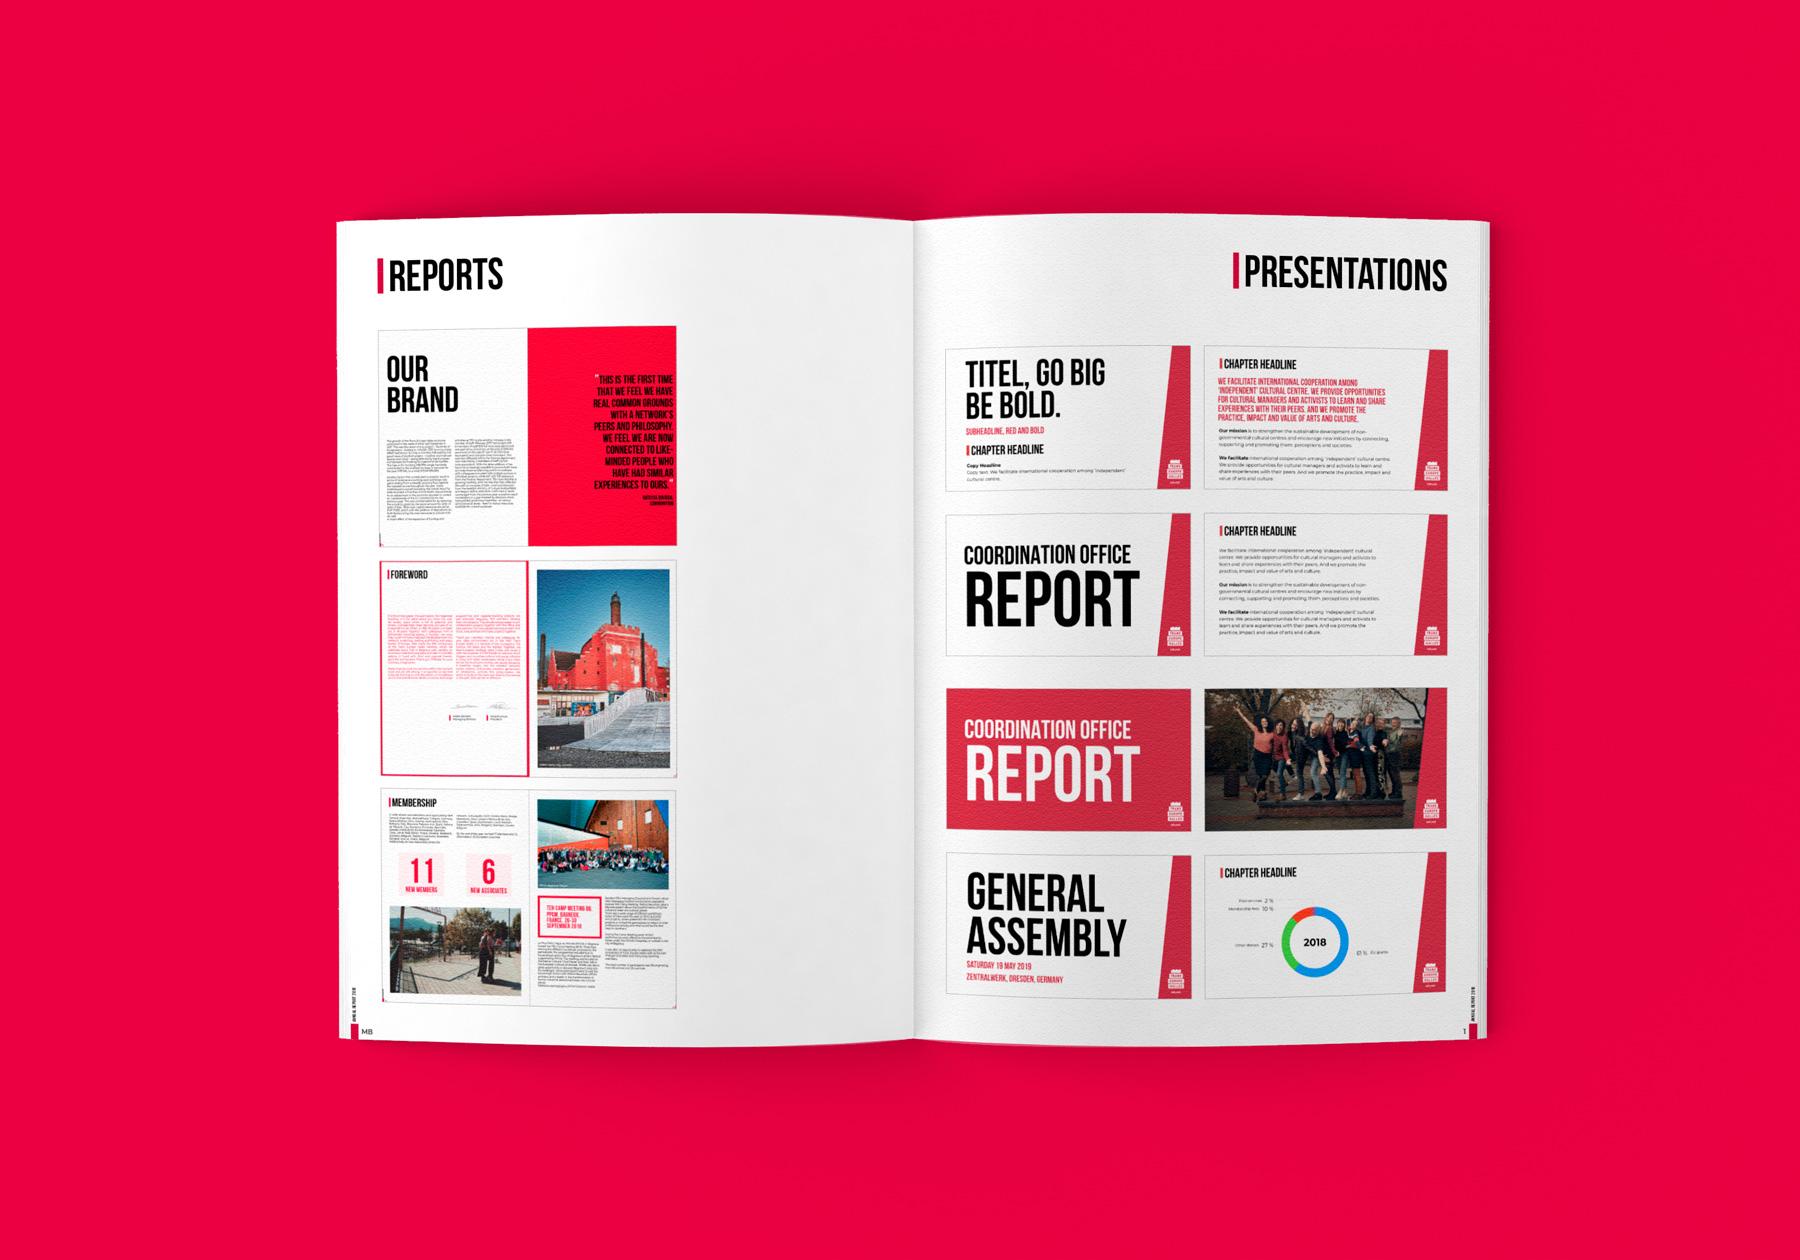 Uppslag från Trans Europe Halles varumärkes profil och manual - Rapporter och presentationer